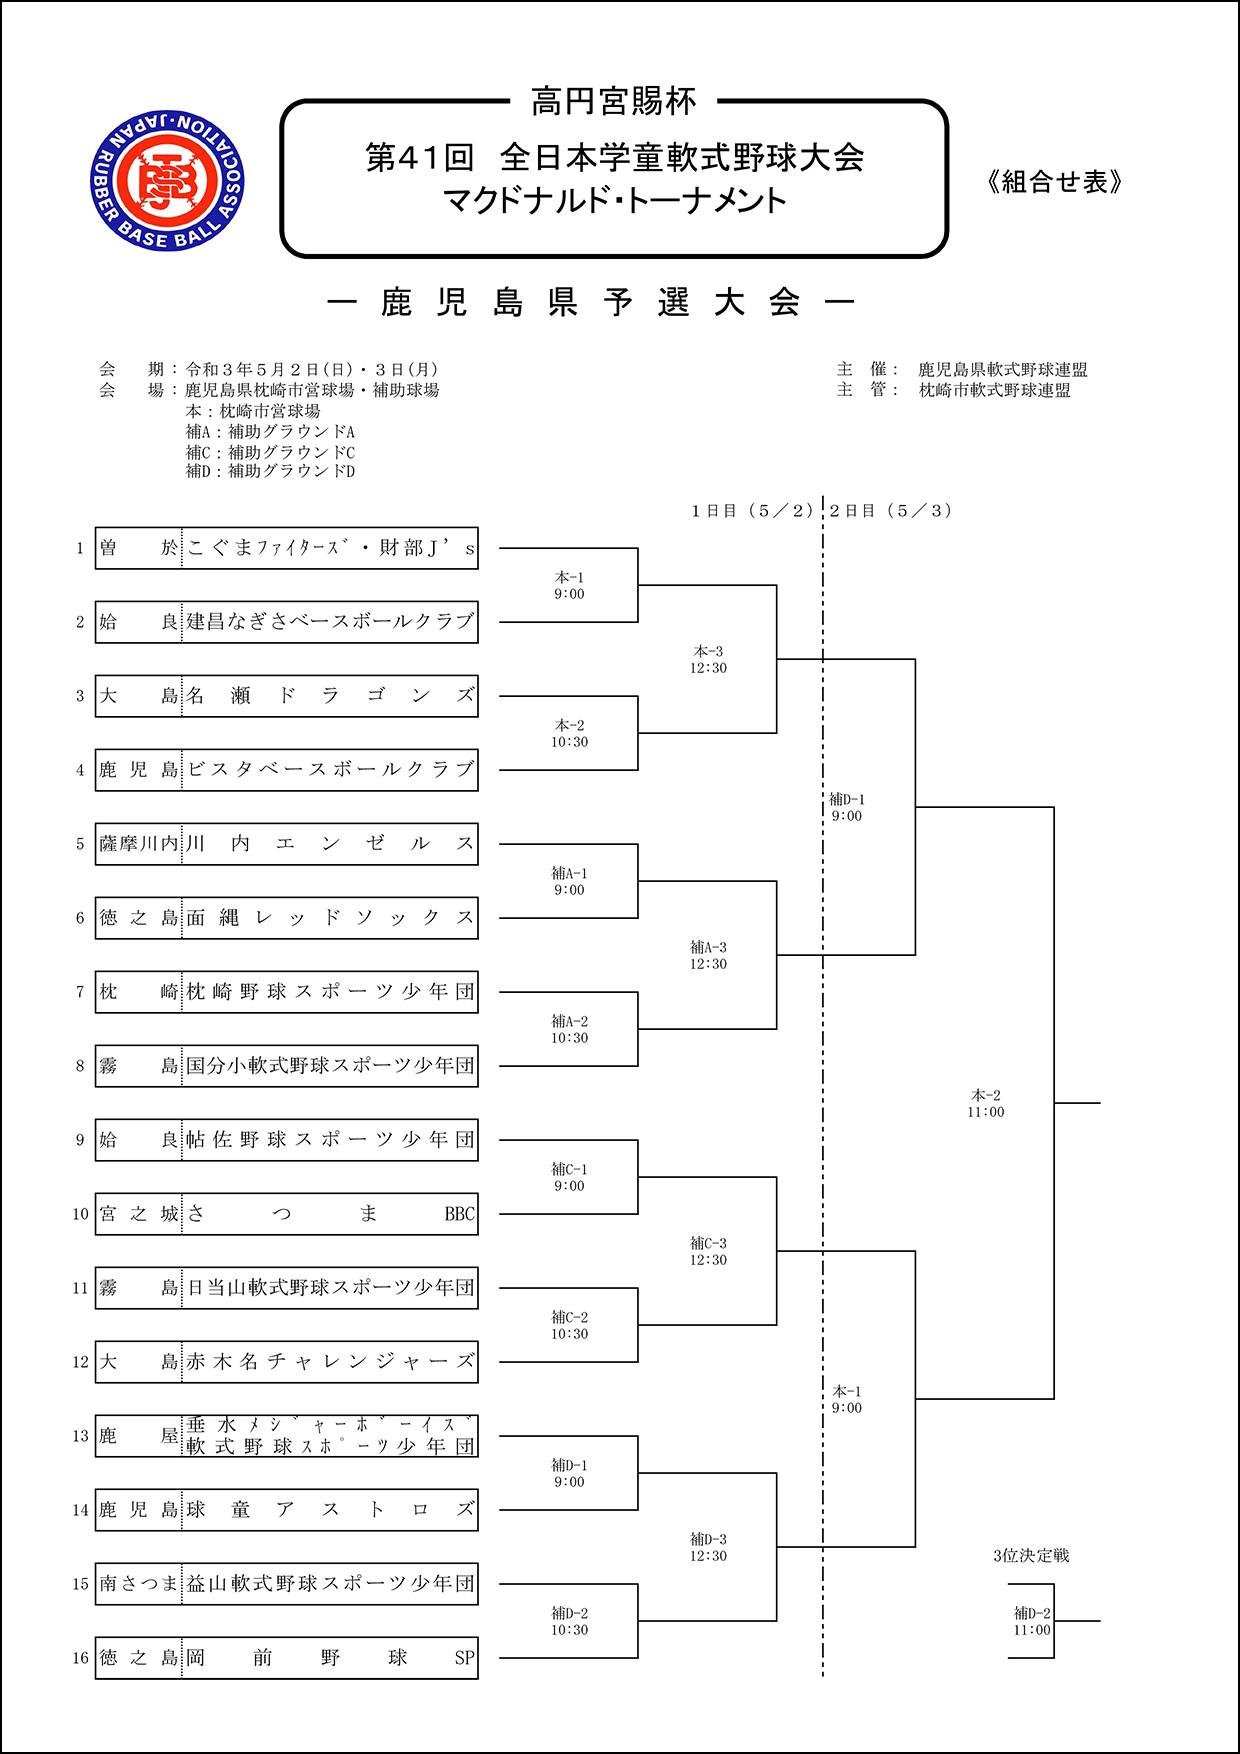 【組合せ】第41回全日本学童軟式野球大会 マクドナルド・トーナメント